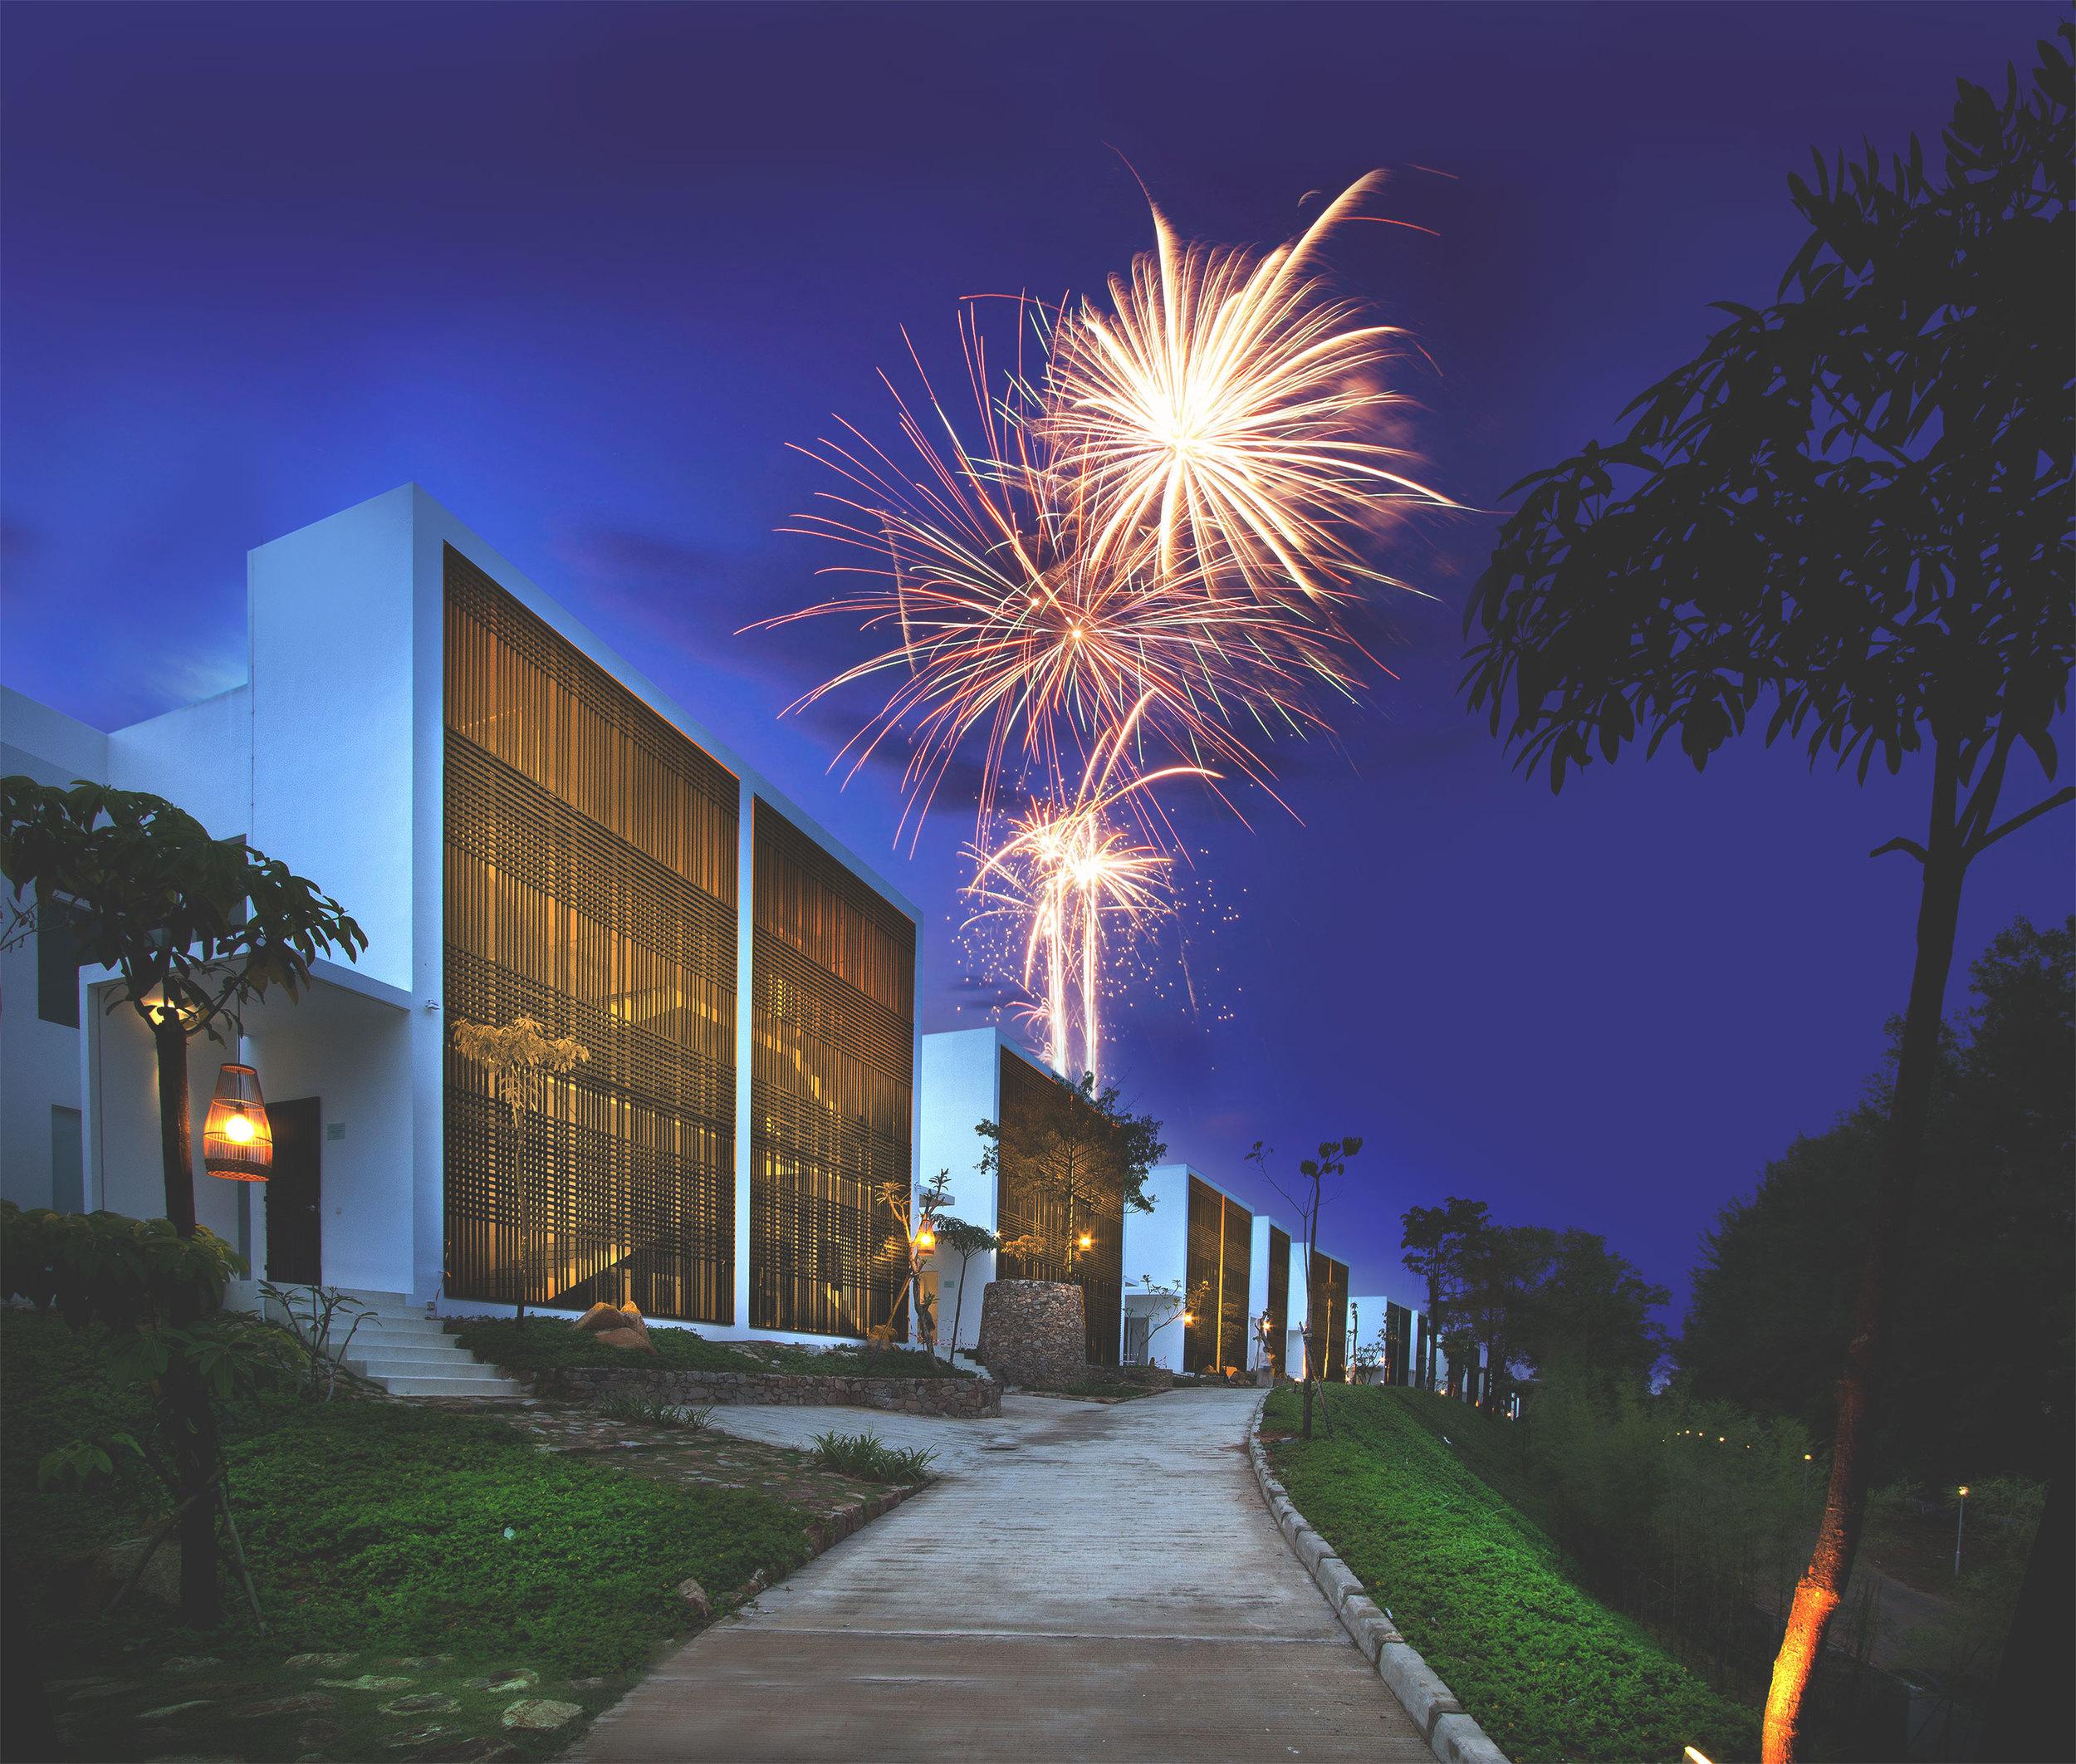 Fireworks at Montigo Resorts, Nongsa